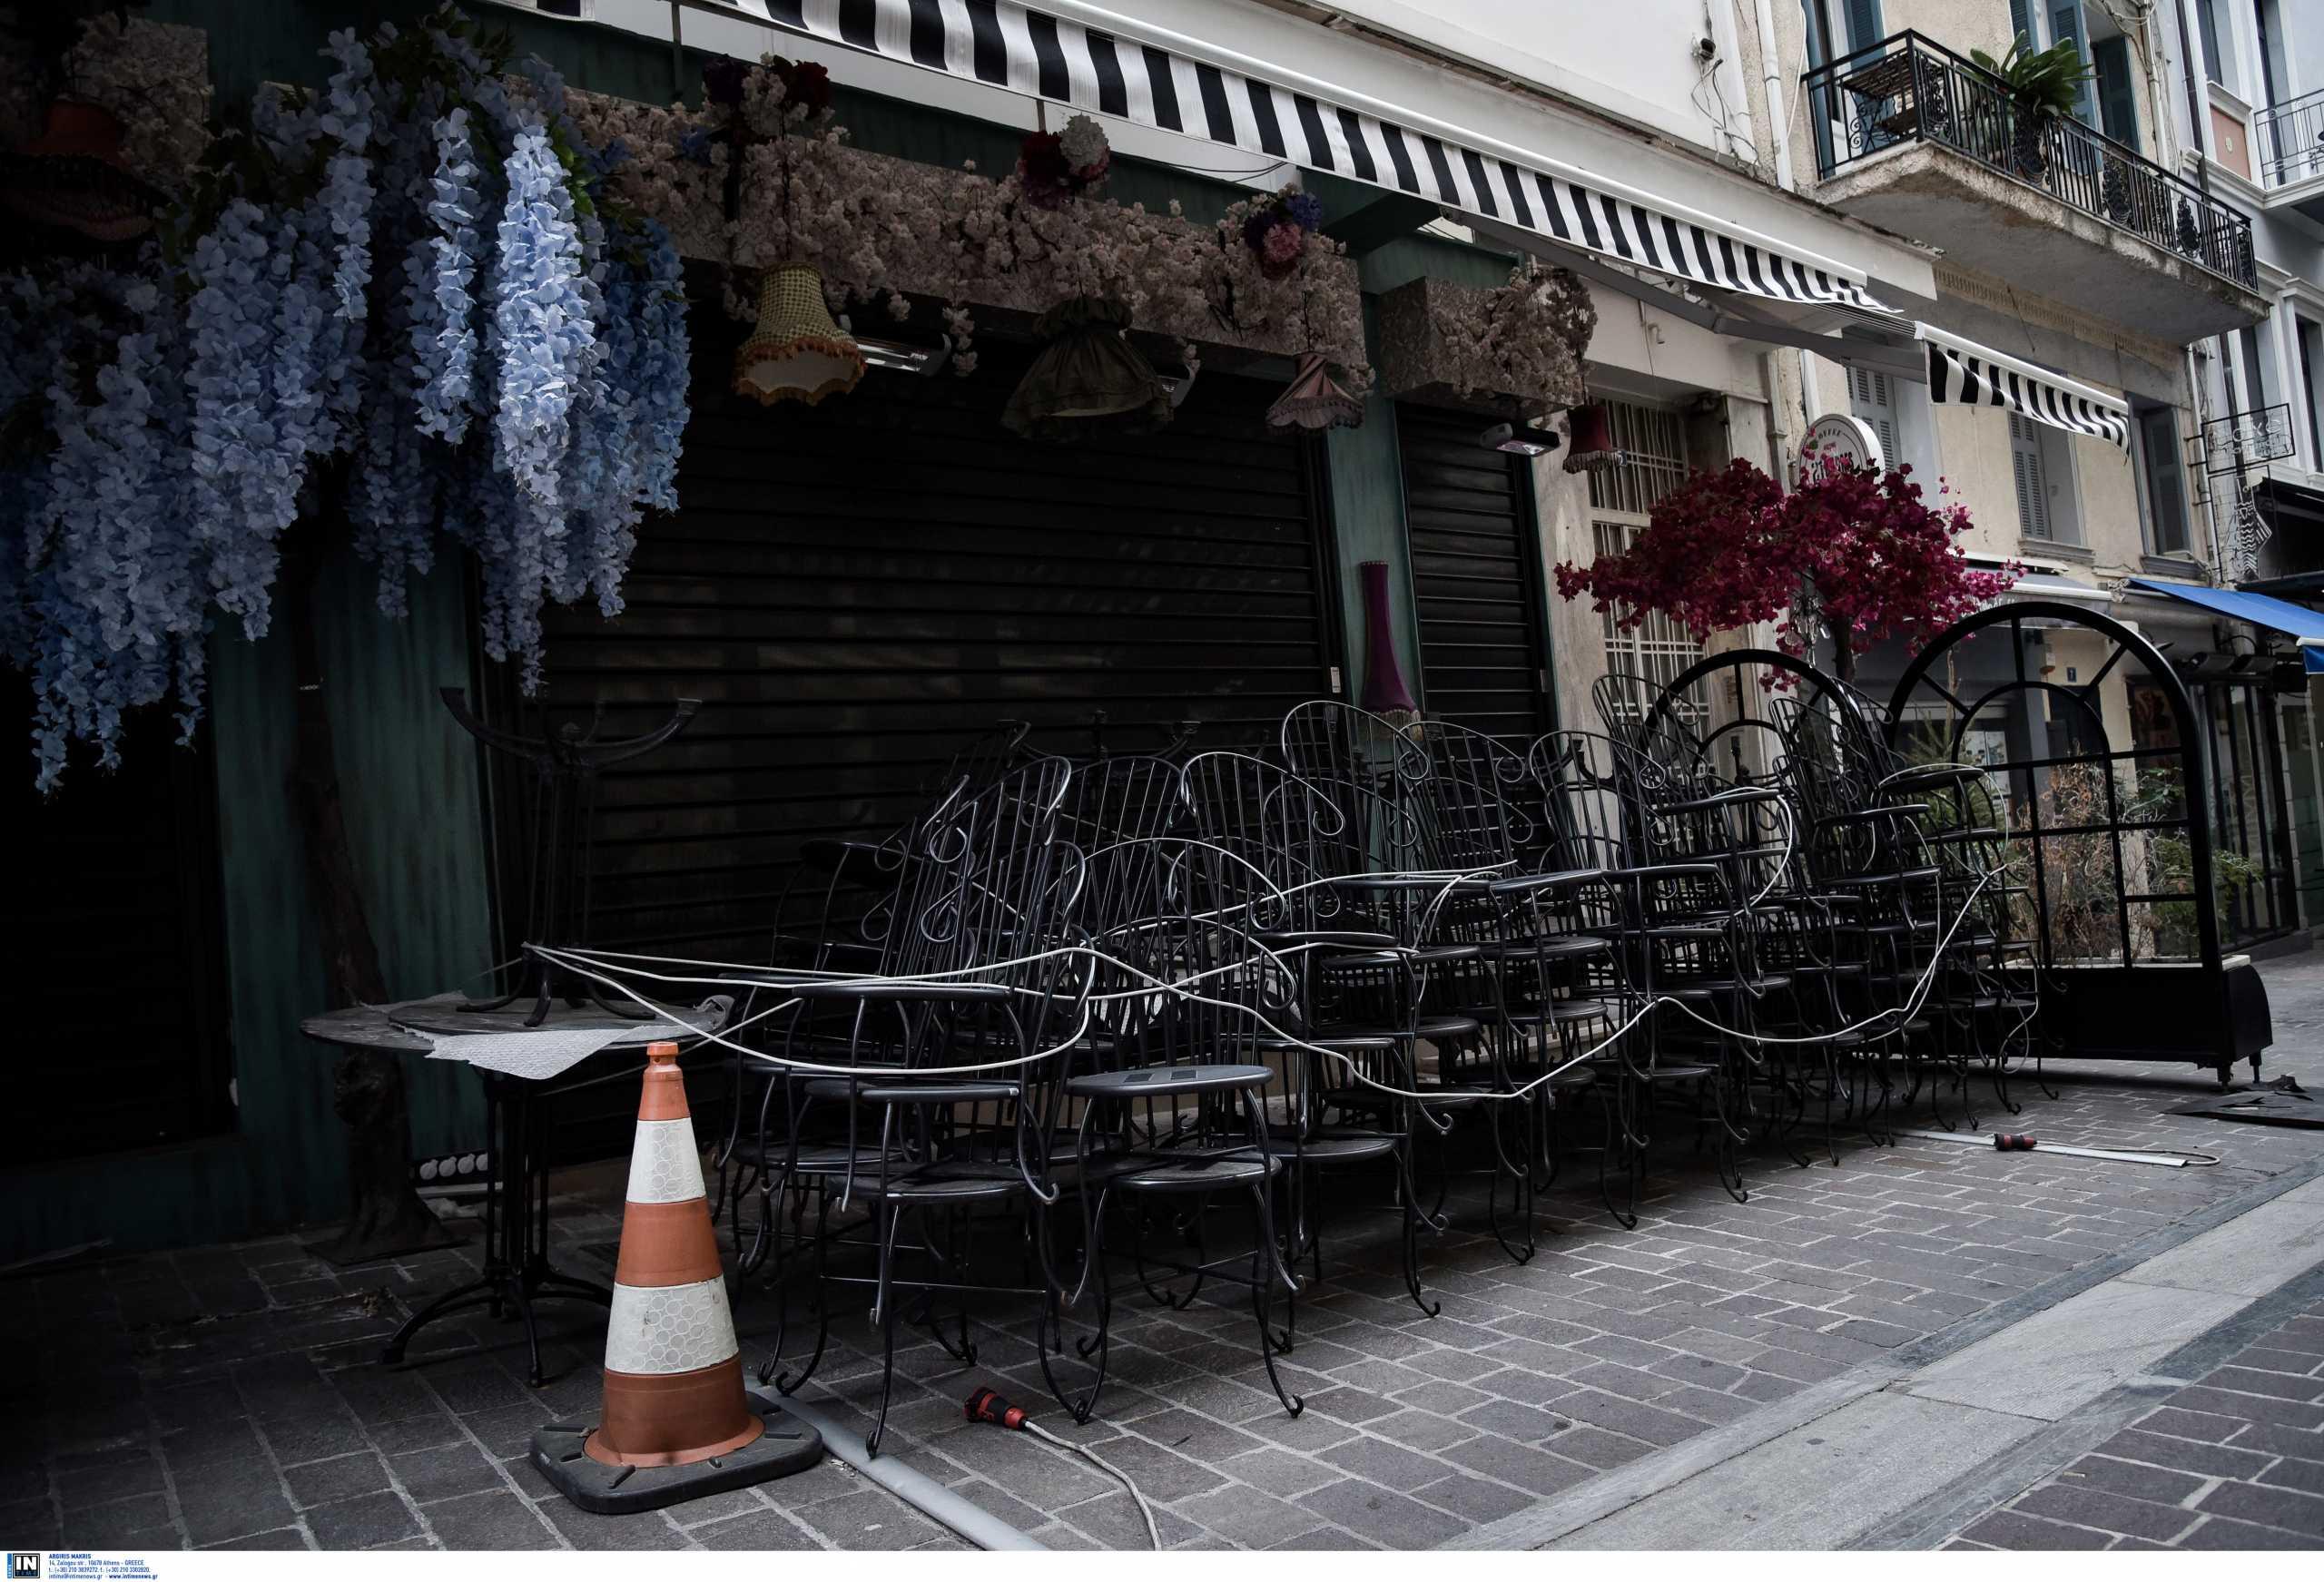 Βασιλακόπουλος για lockdown: Η μόνη ελπίδα να αλλάξουμε μέτρα – Να ανοίξουν καφέ, εστιατόρια